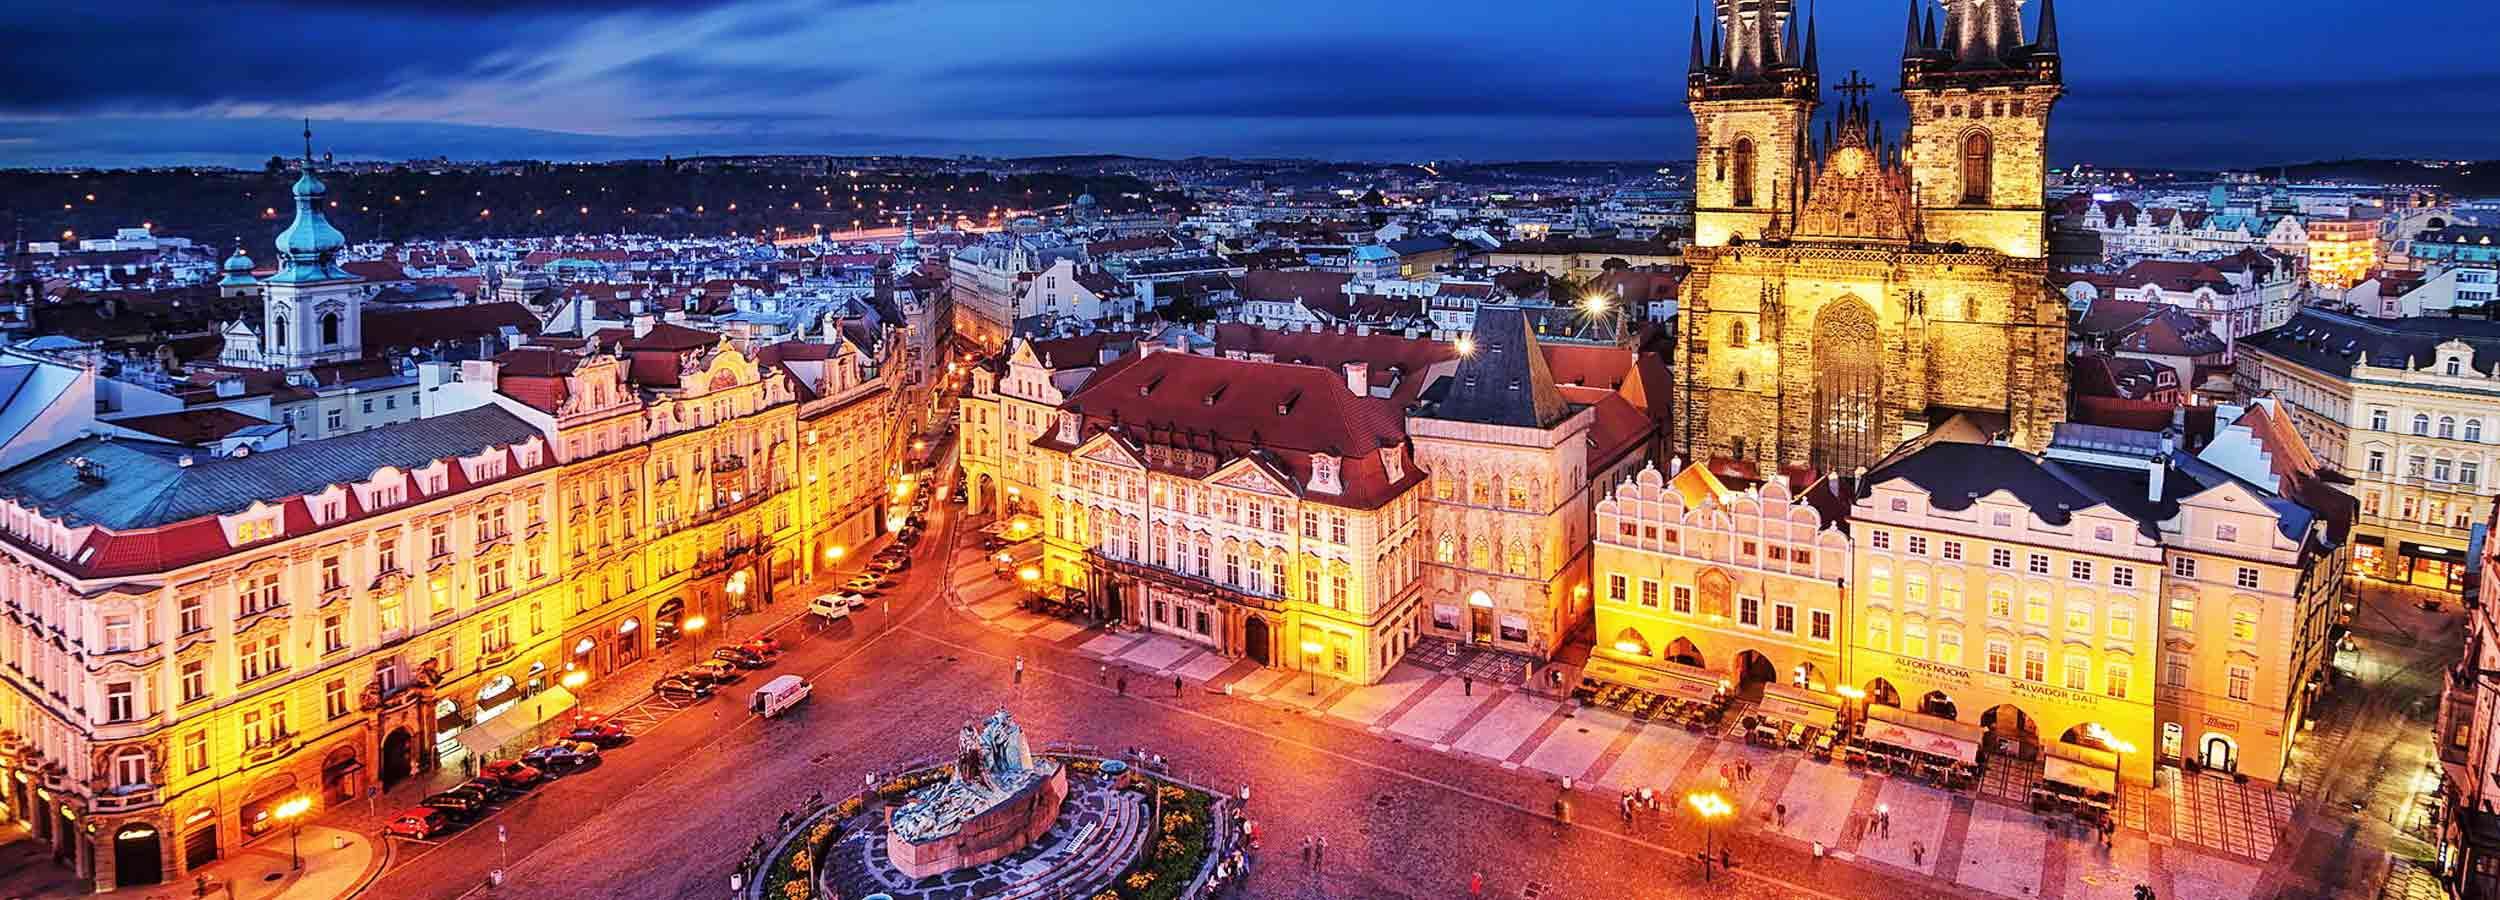 Capodanno a Praga | Viaggio + Hotel + Eventi da 349€